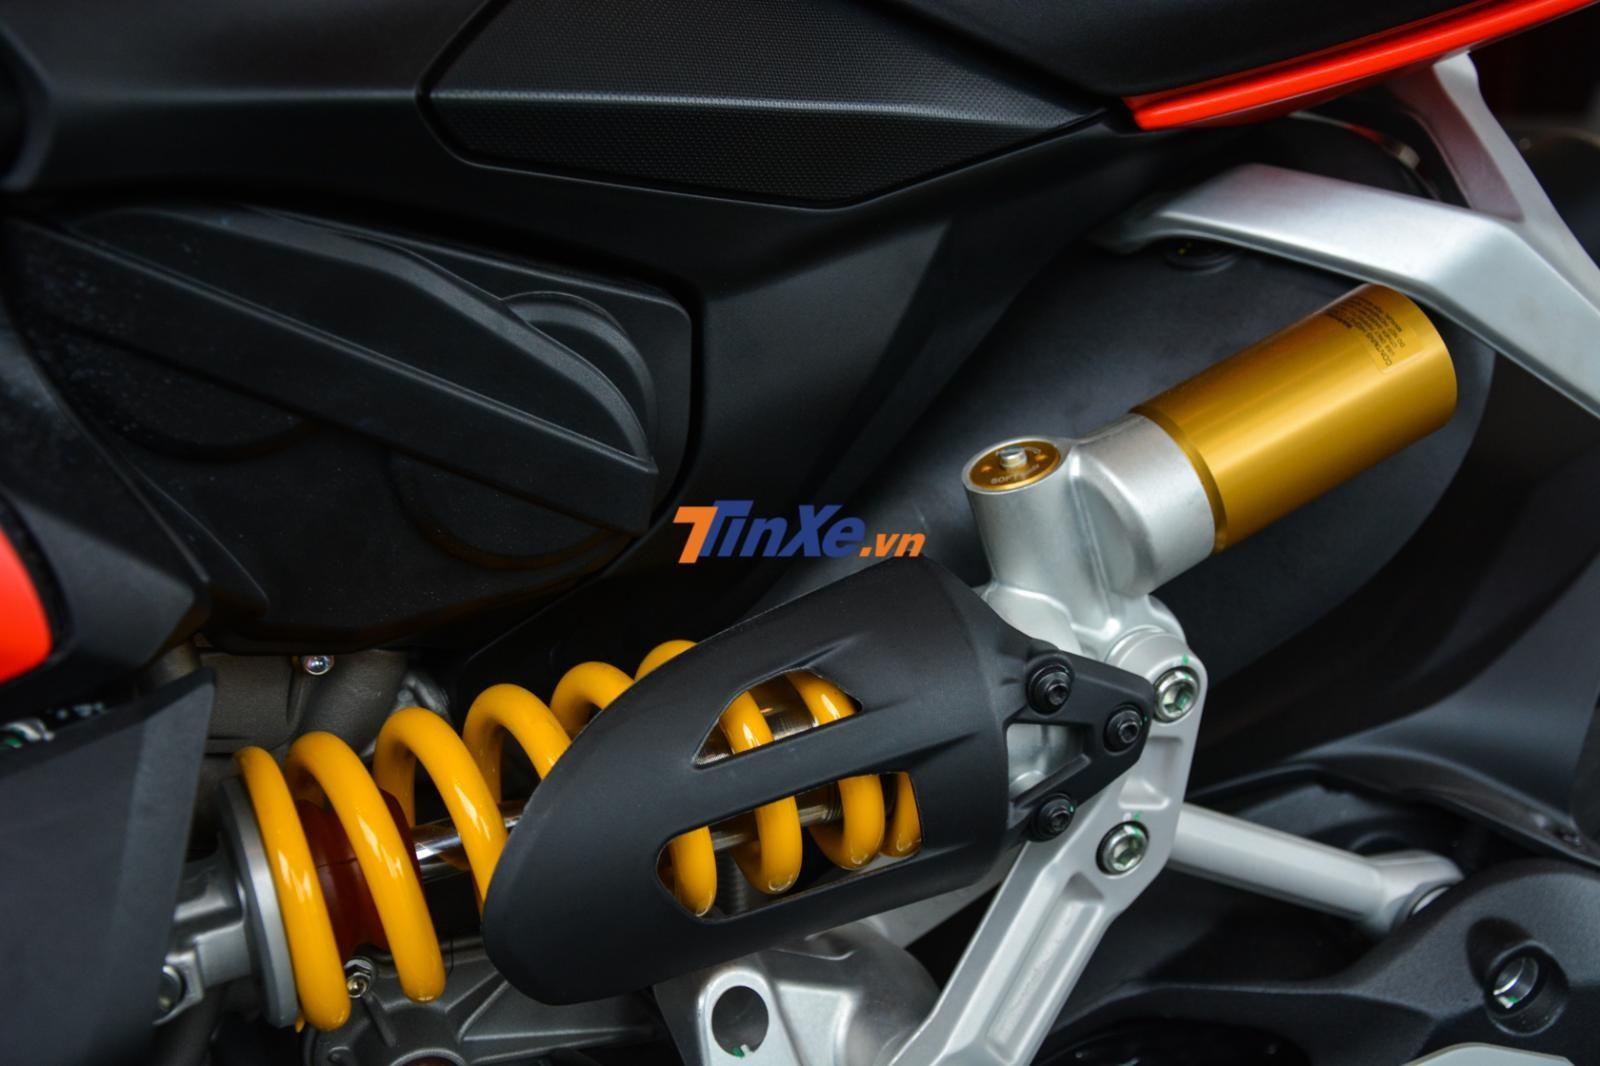 Hệ thống treo phía sau không khác gì so với phiên bản Ducati 959 Panigale